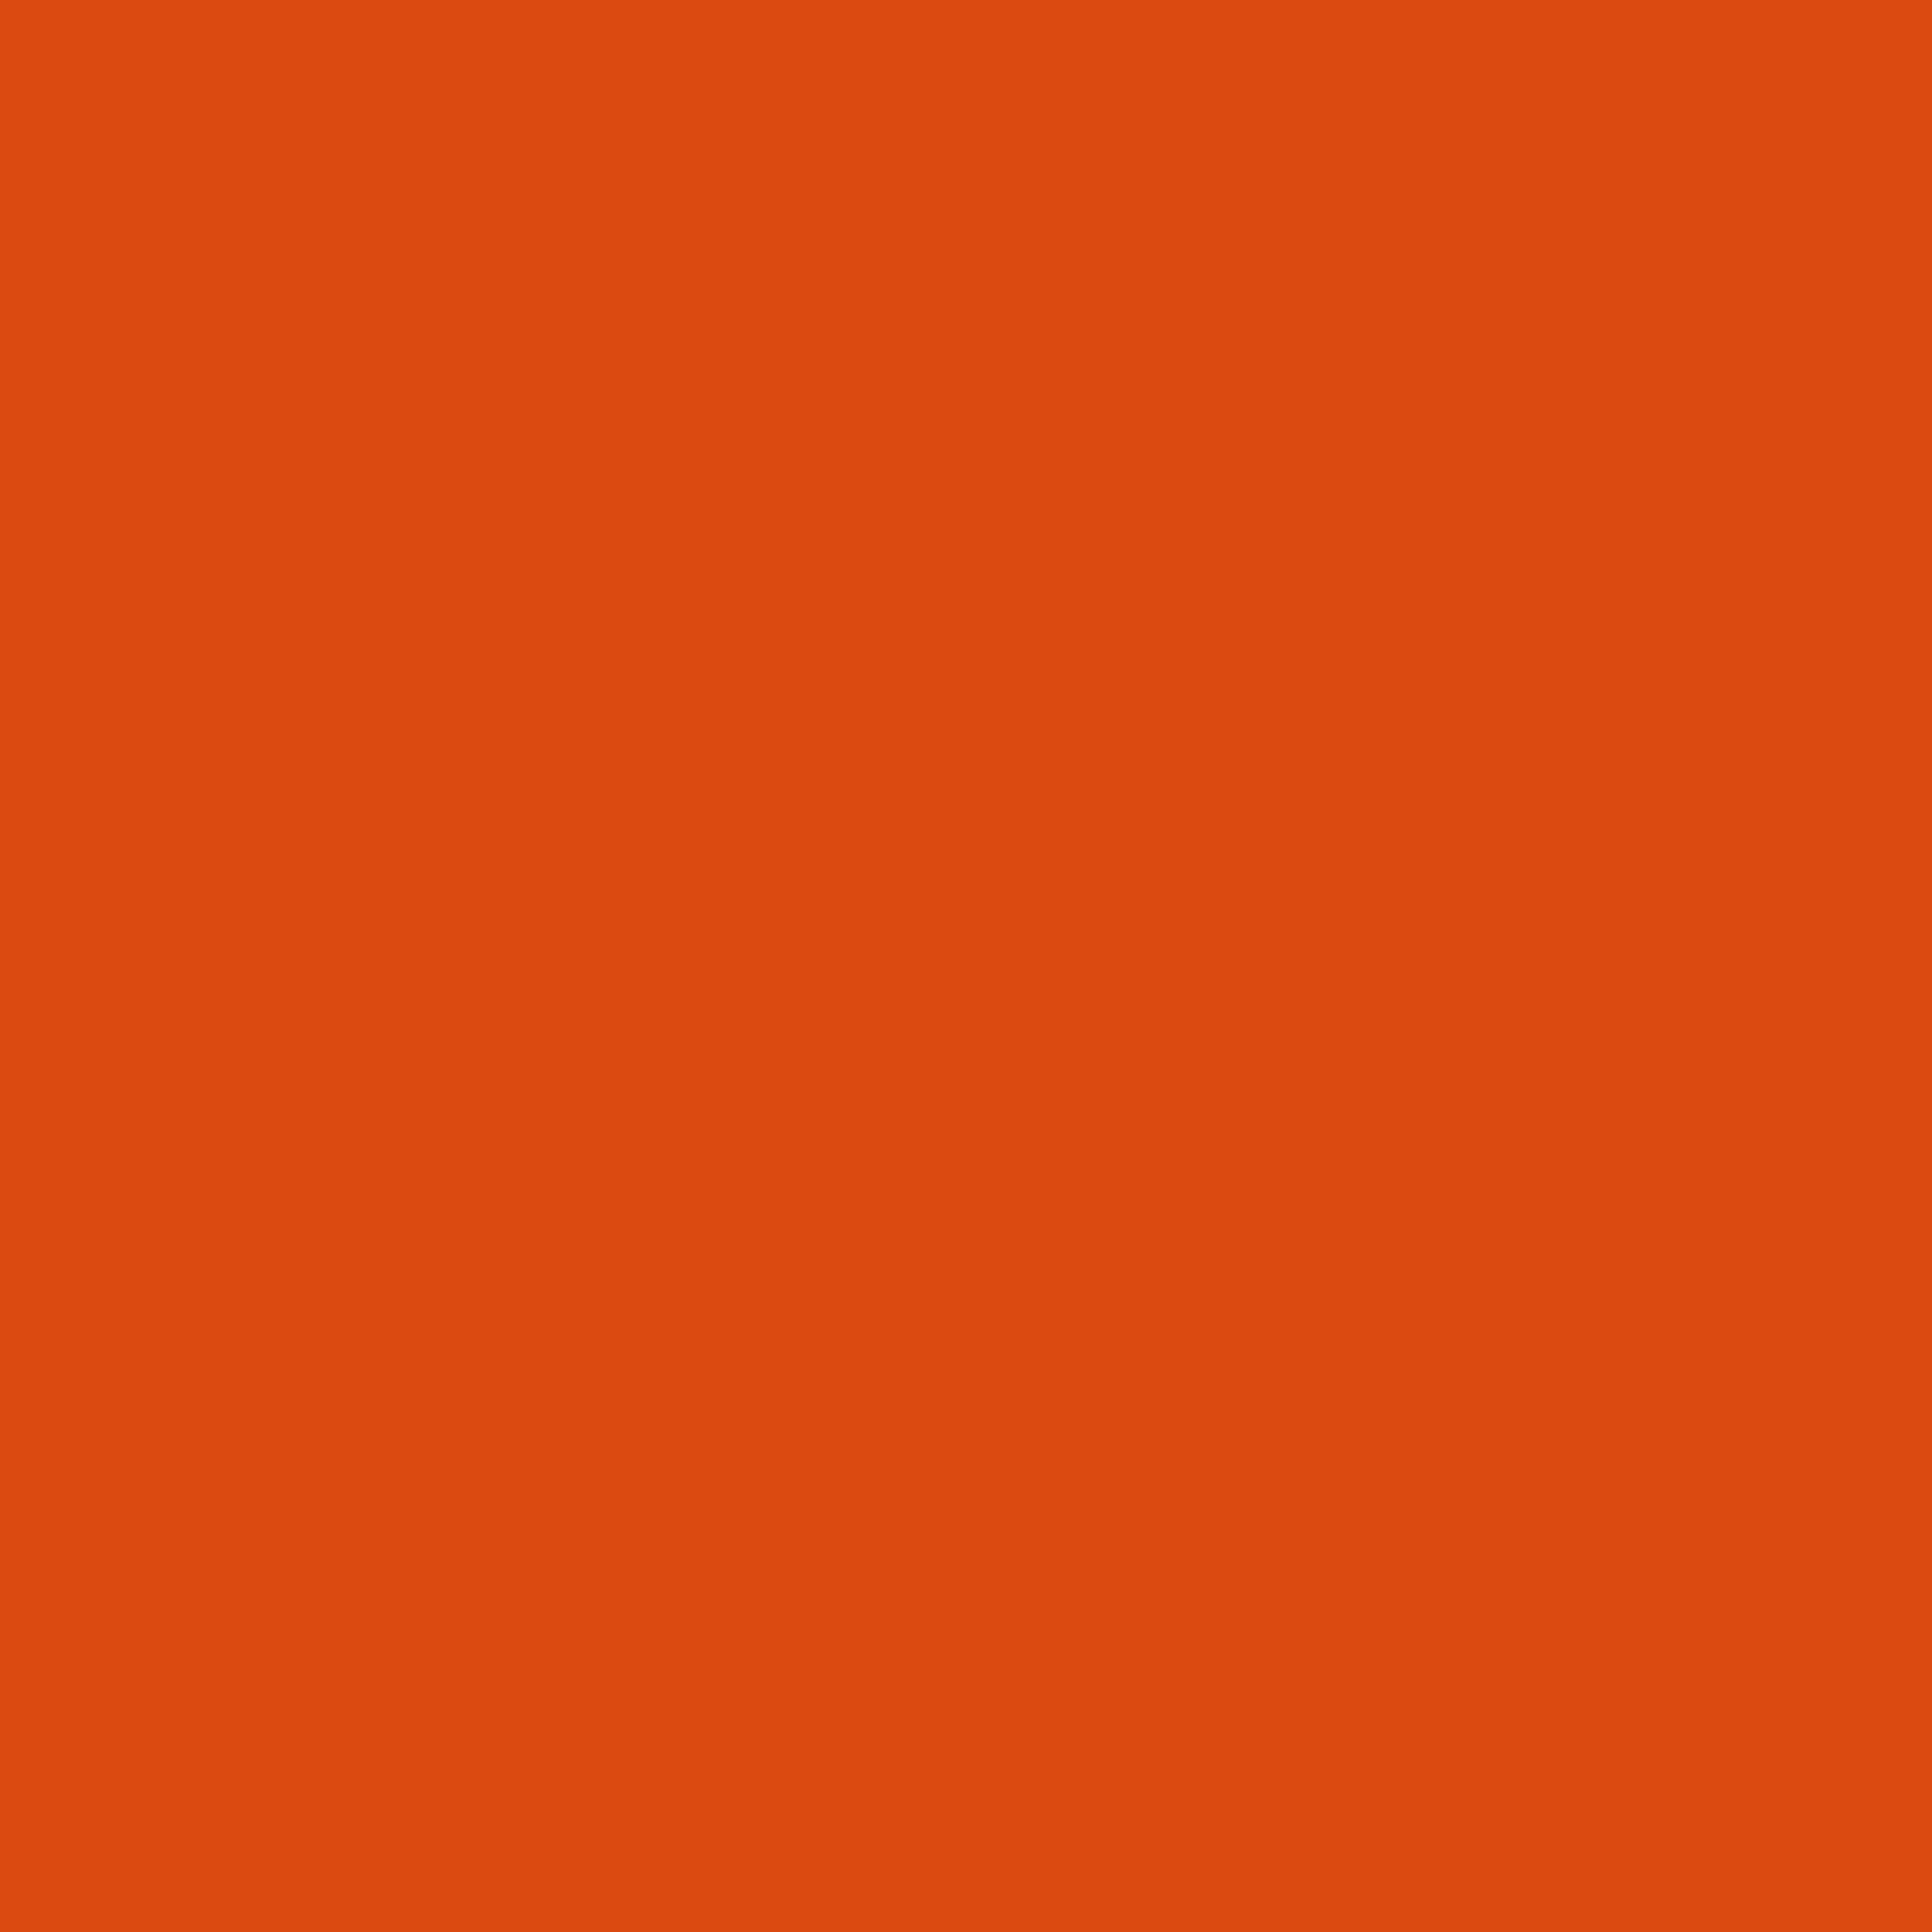 113 Orange